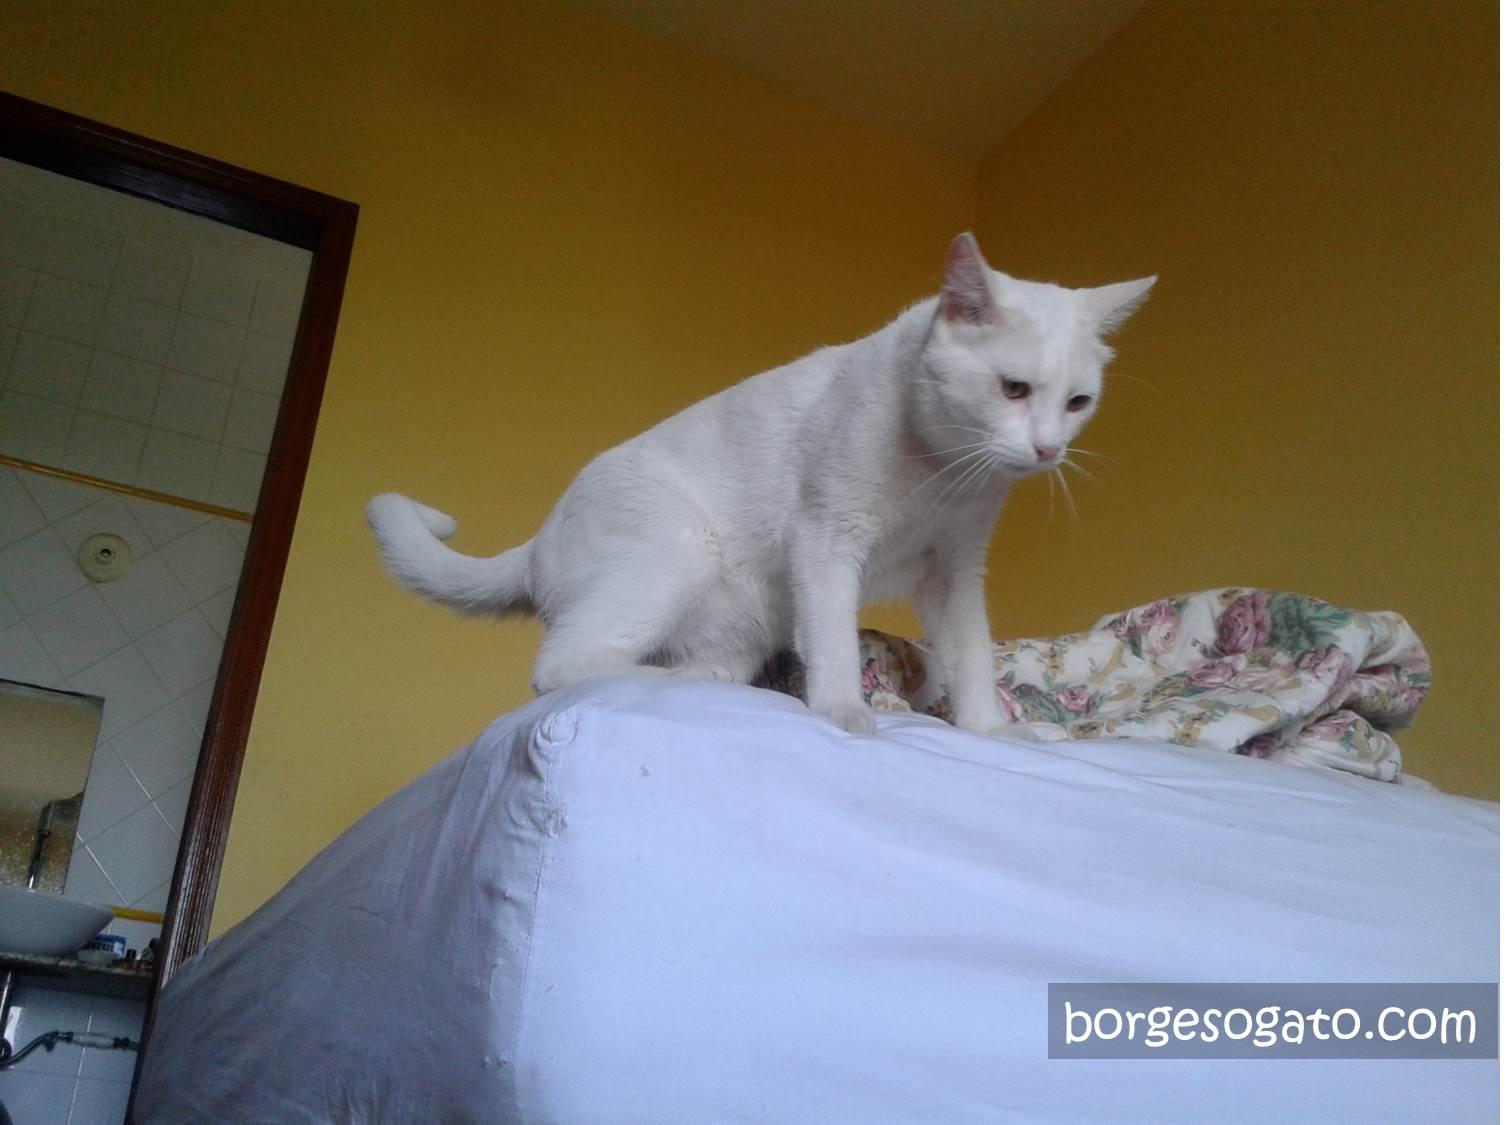 O fantasma em cima da cama me perseguindo